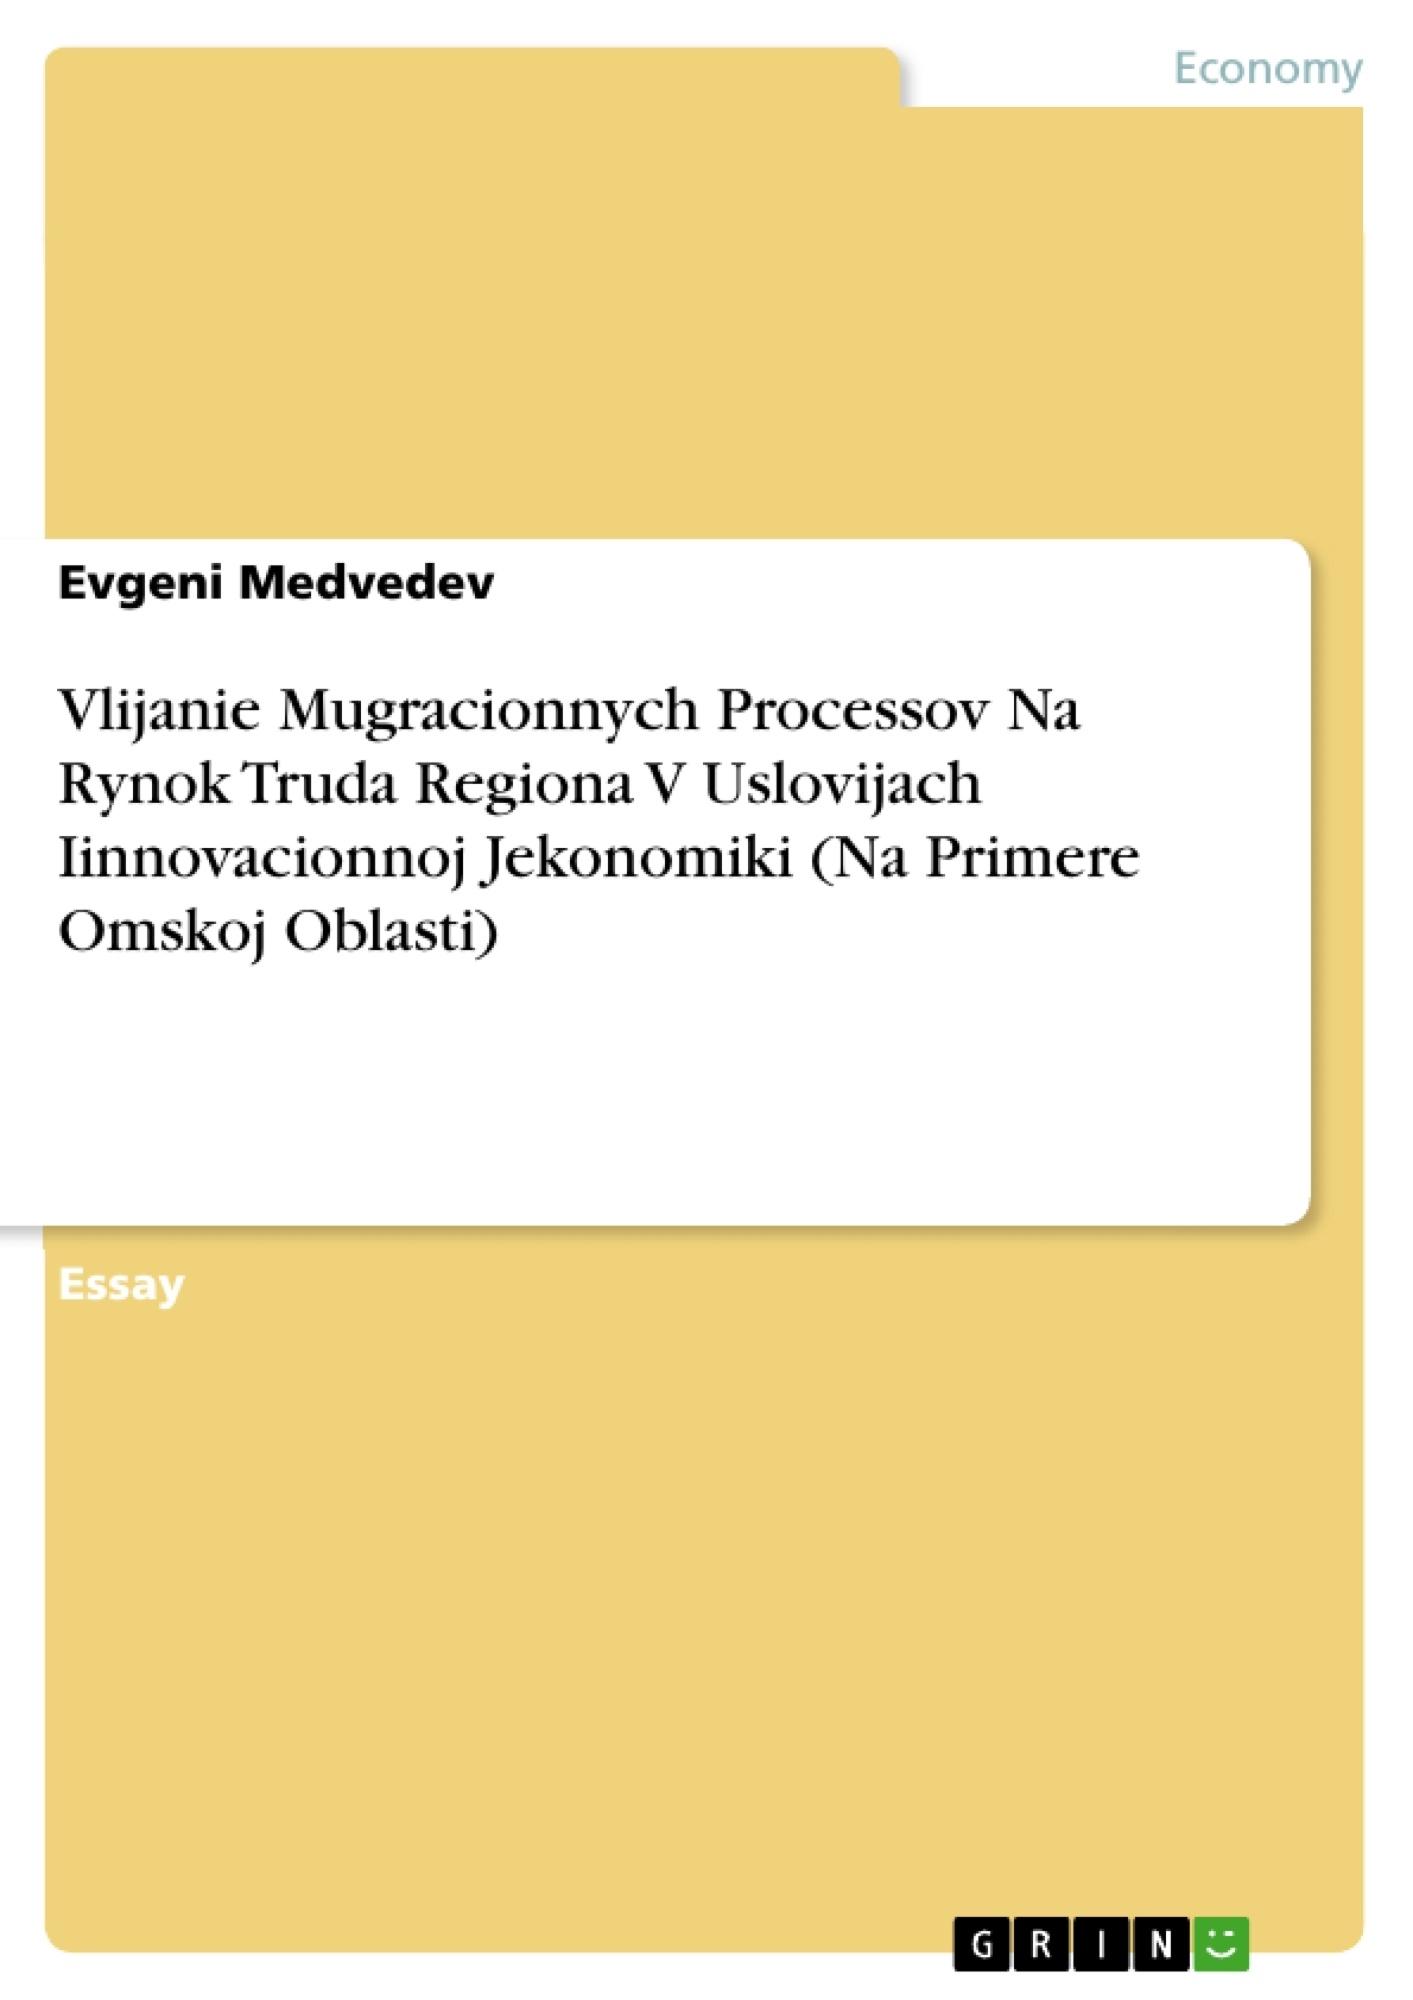 Title: Vlijanie Mugracionnych Processov Na Rynok Truda Regiona V Uslovijach Iinnovacionnoj Jekonomiki (Na Primere Omskoj Oblasti)